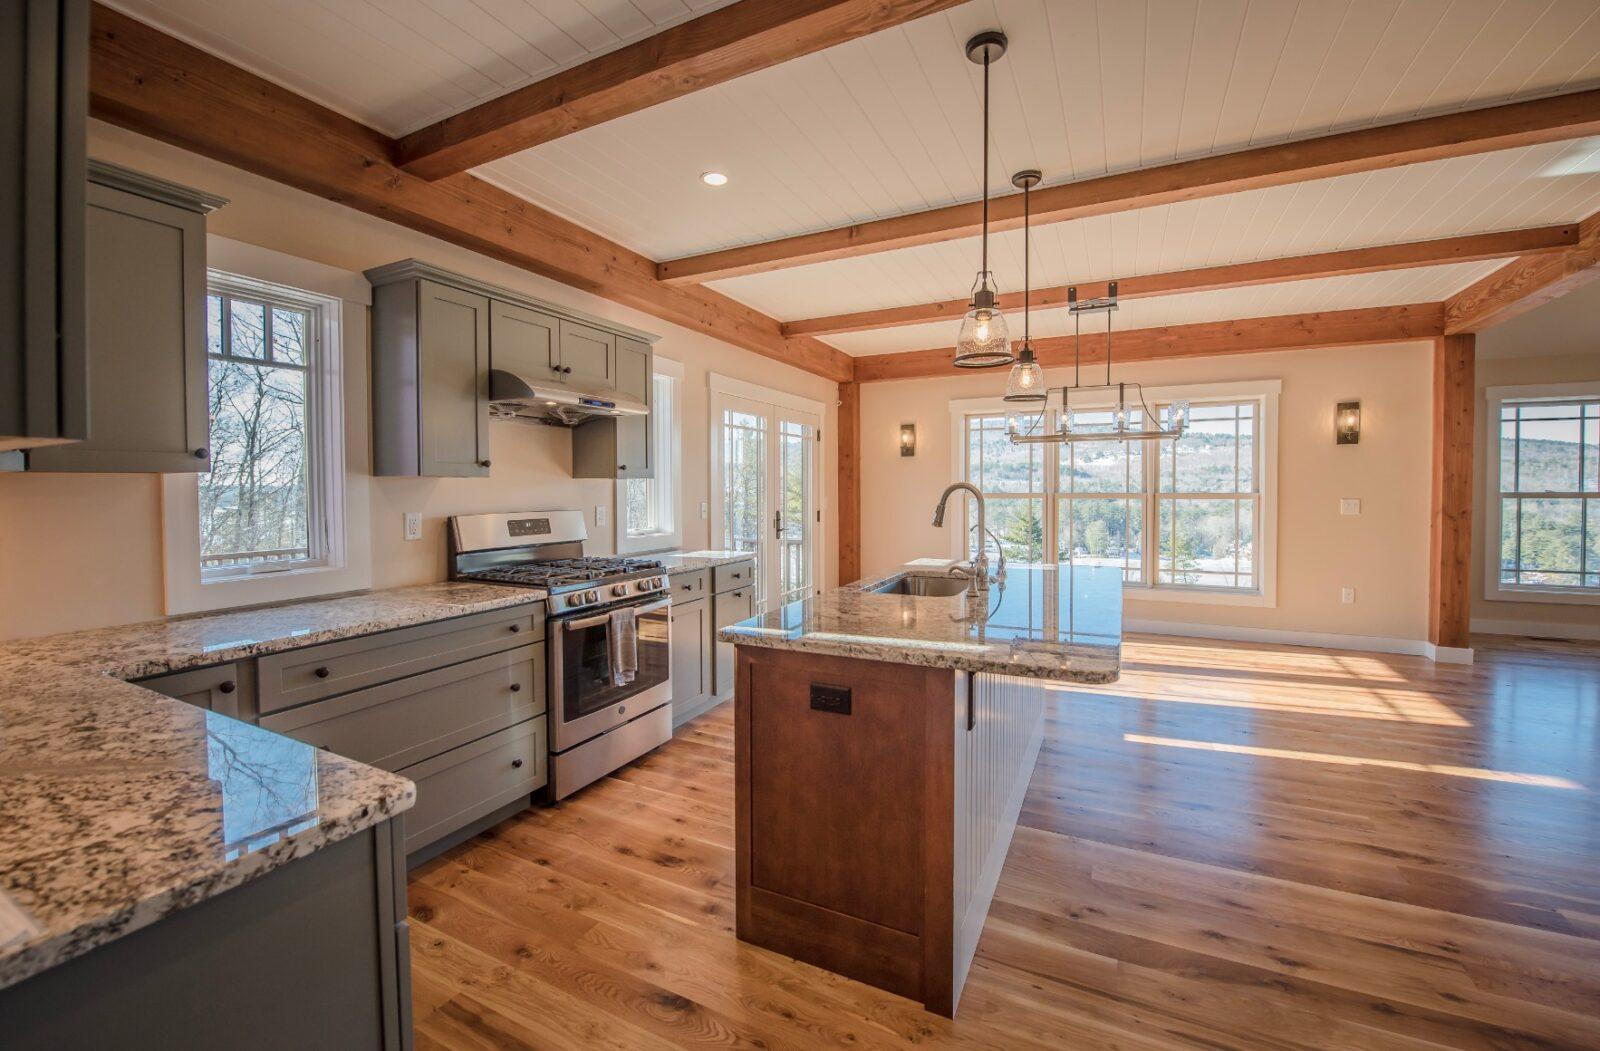 The Overlook Kitchen